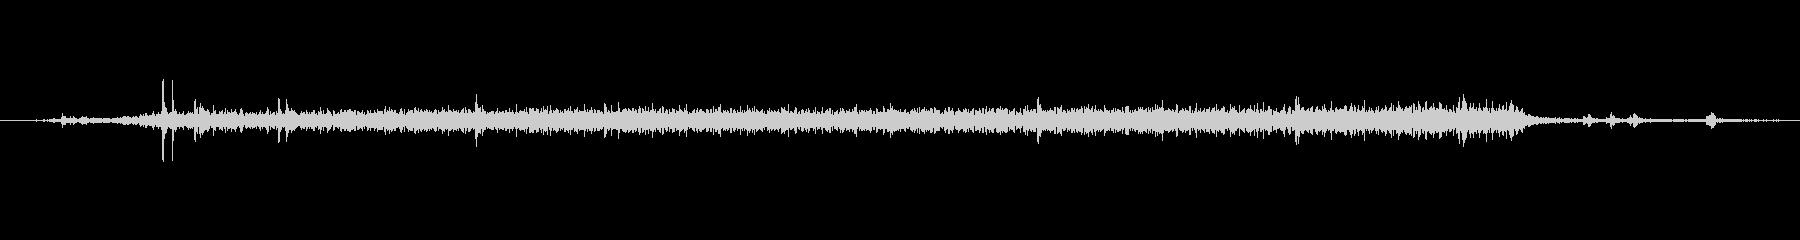 ウィーンッ…軽めのマシン起動音の未再生の波形